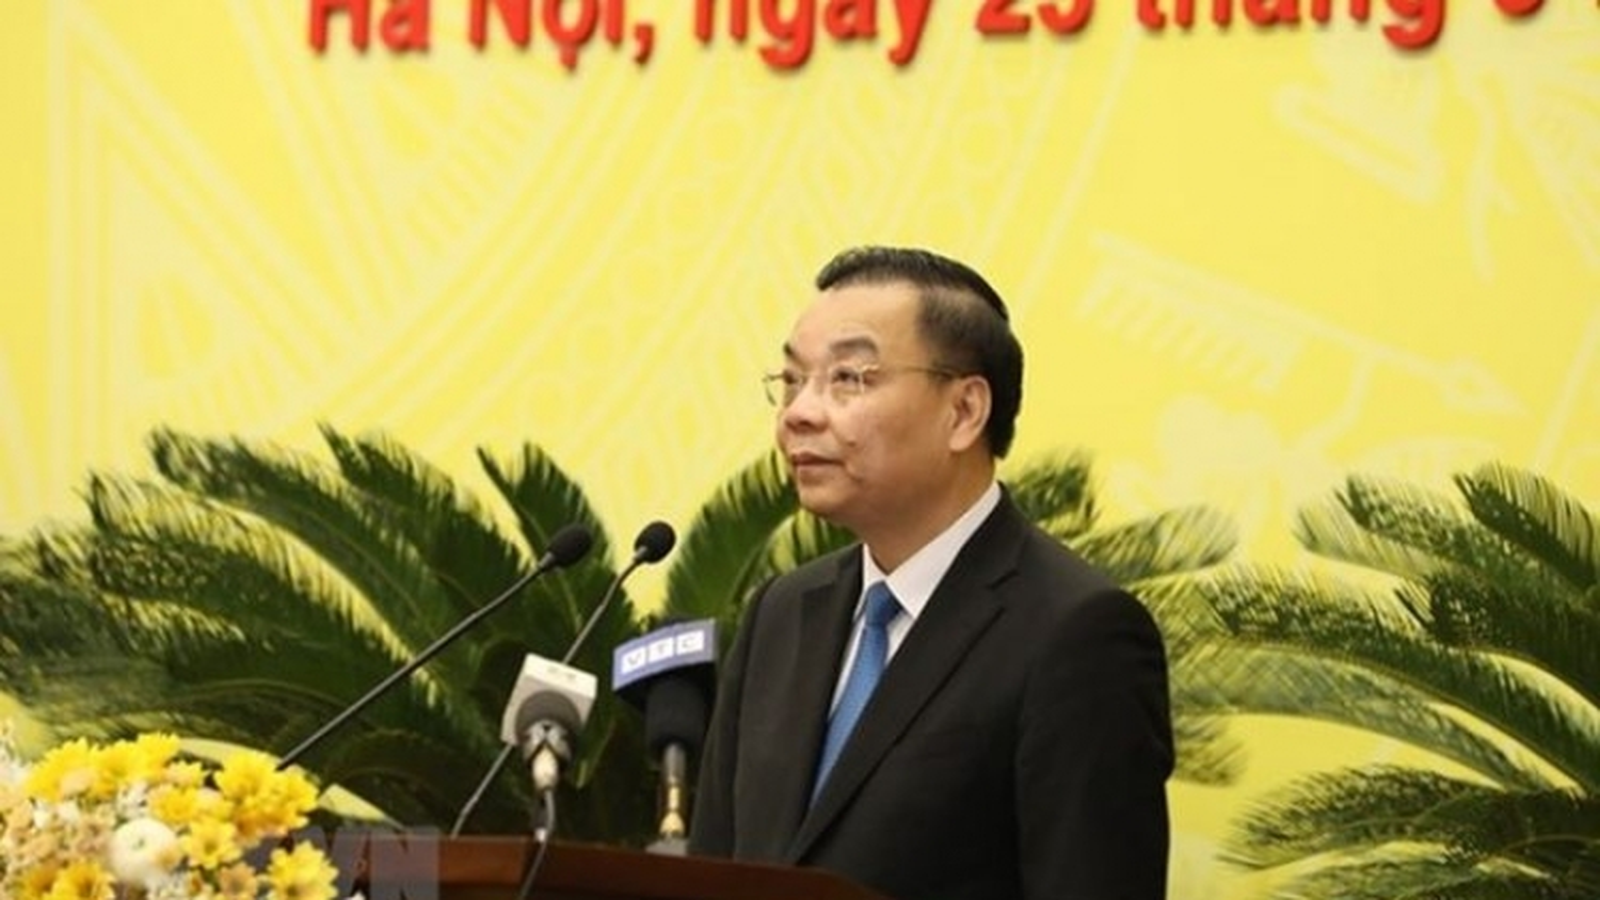 Thủ tướng phê chuẩn nhân sự thành phố Hà Nội và tỉnh Bắc Giang